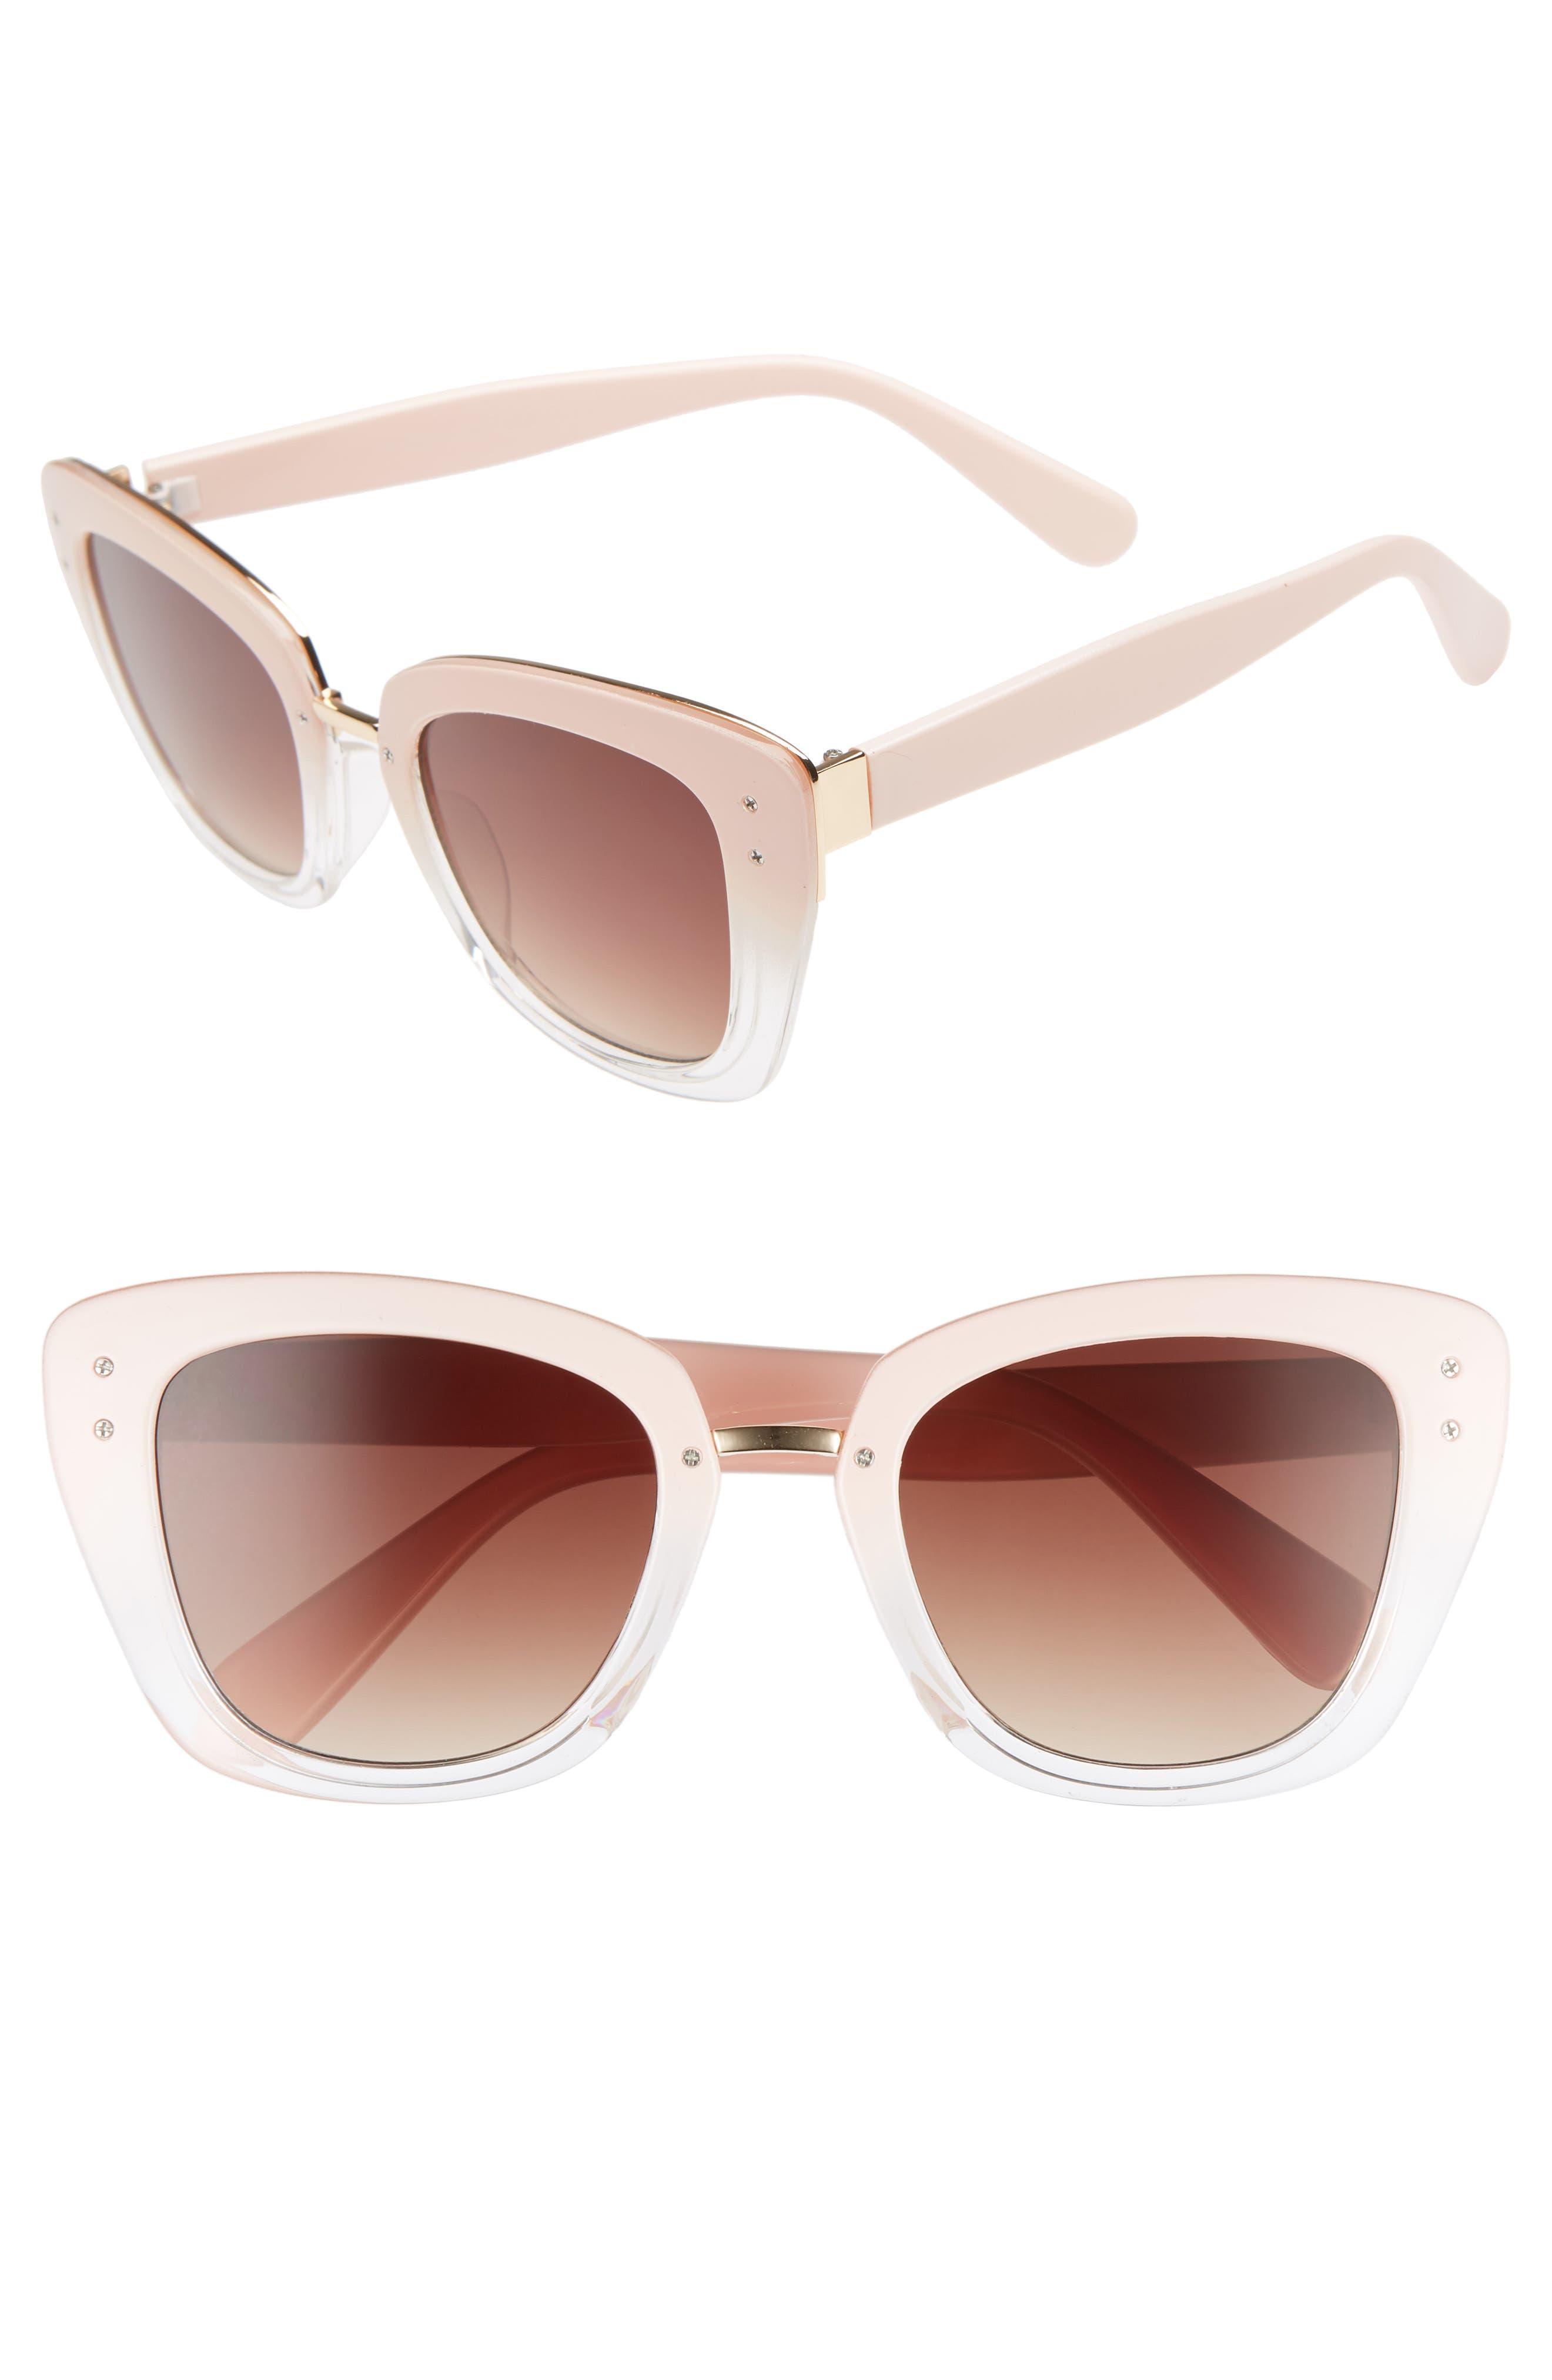 51mm Ombré Square Sunglasses,                             Main thumbnail 1, color,                             650